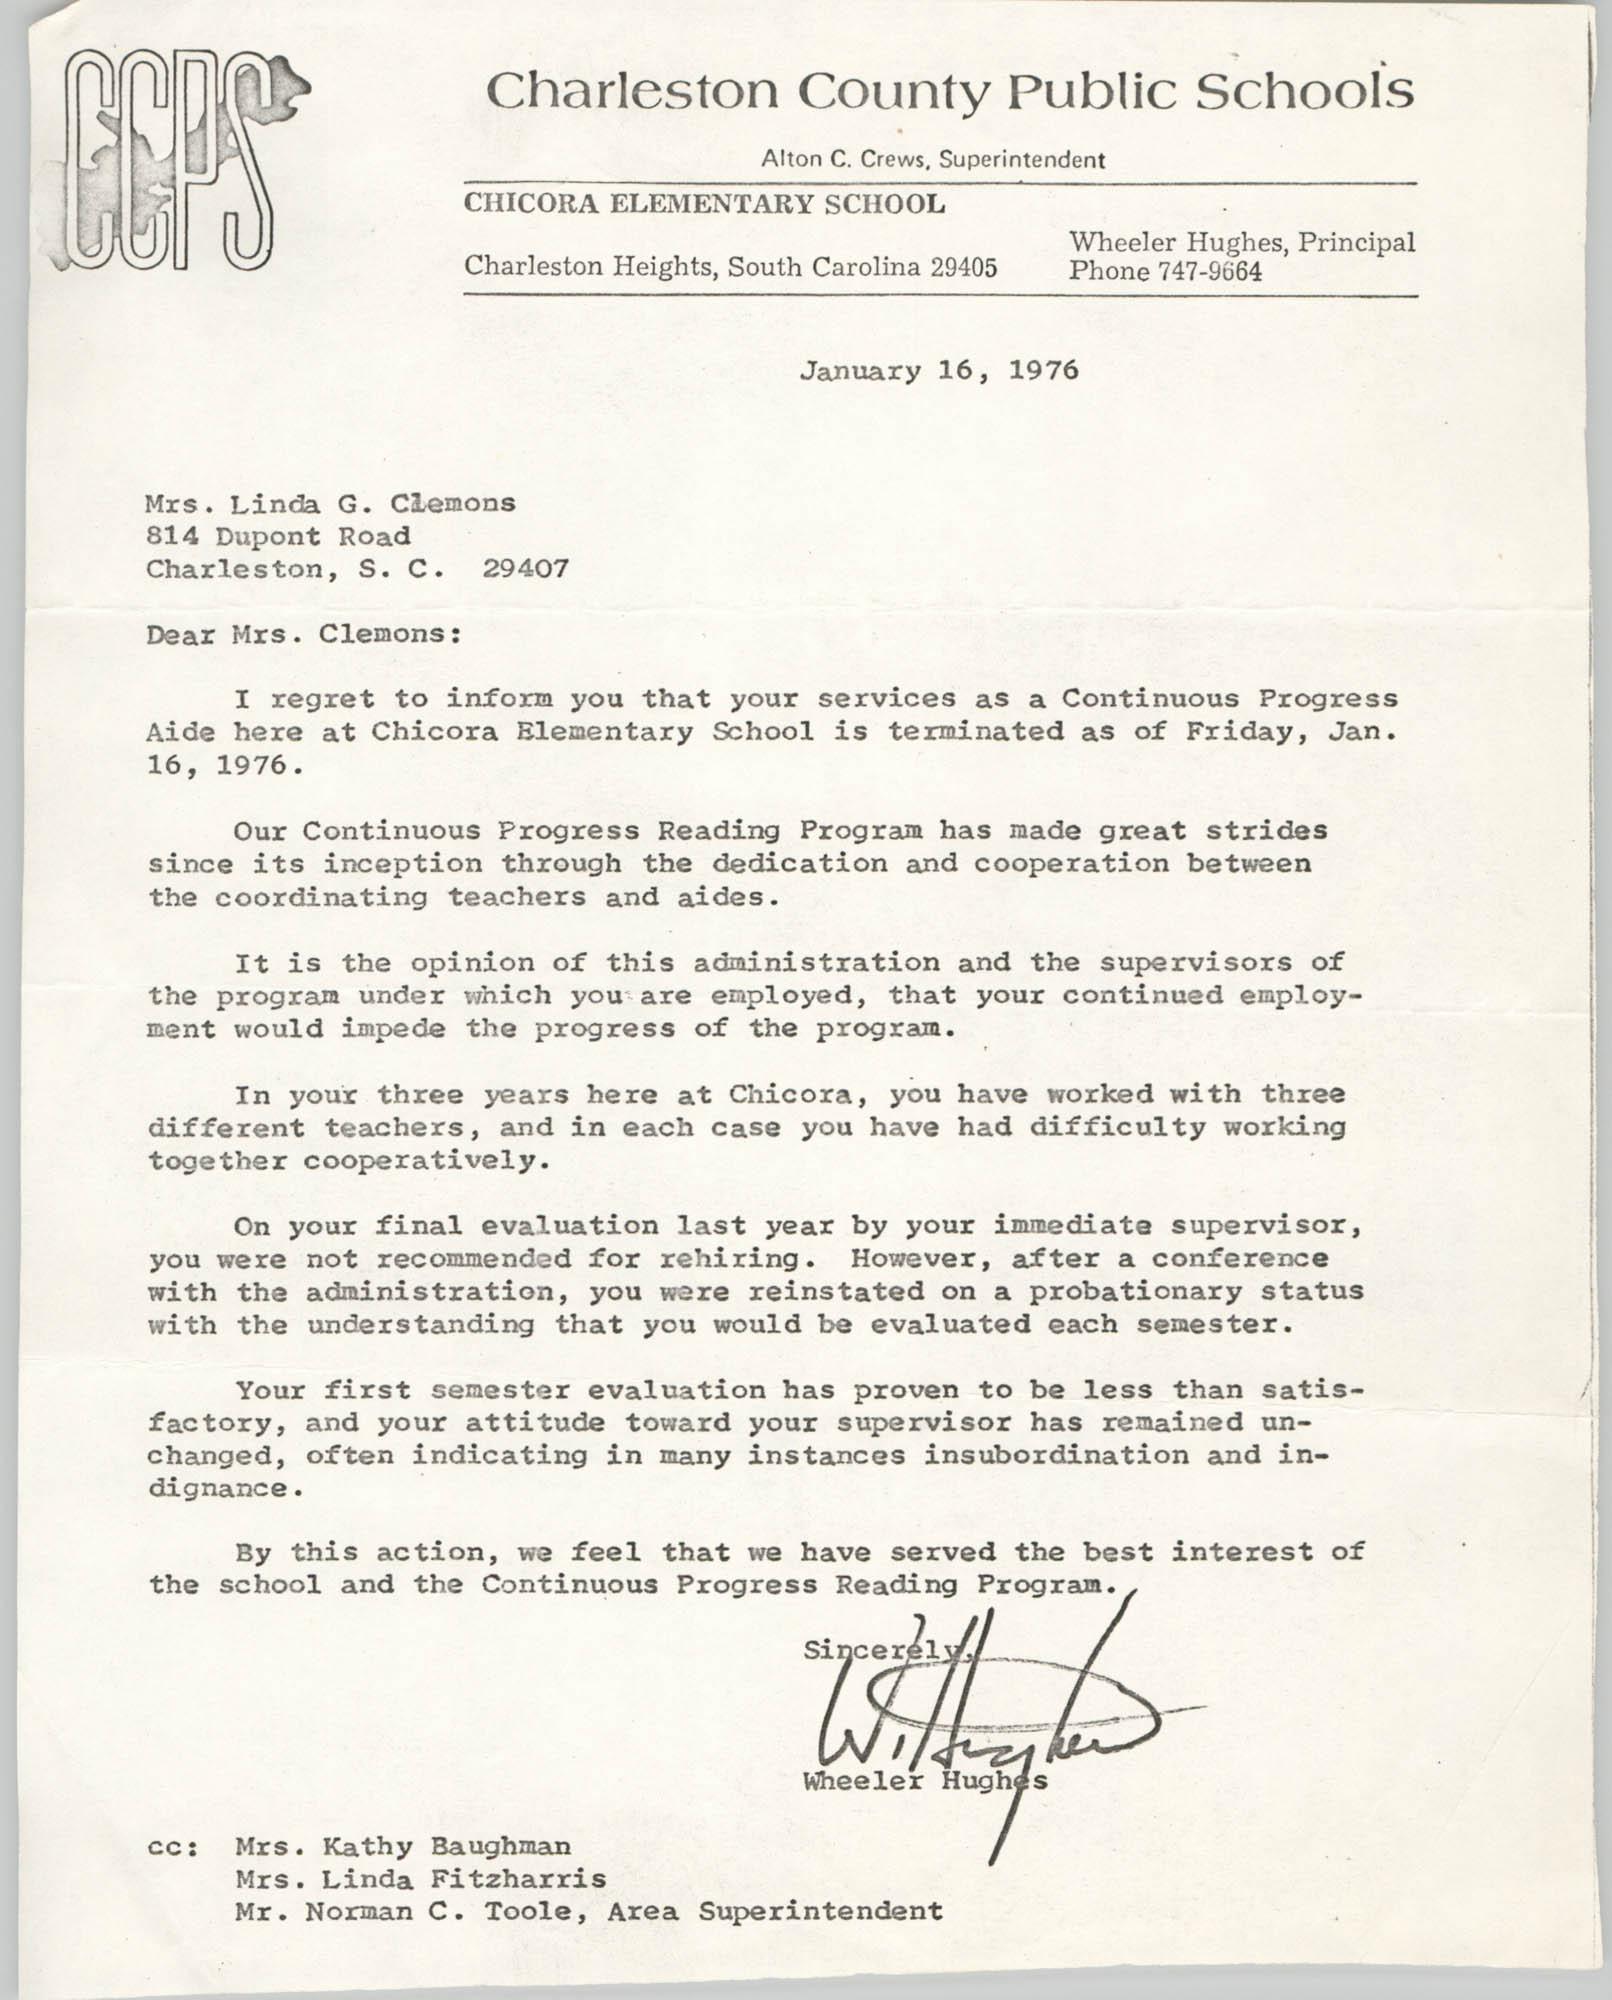 Letter from Wheeler Hughes to Linda G. Clemons, January 16, 1976